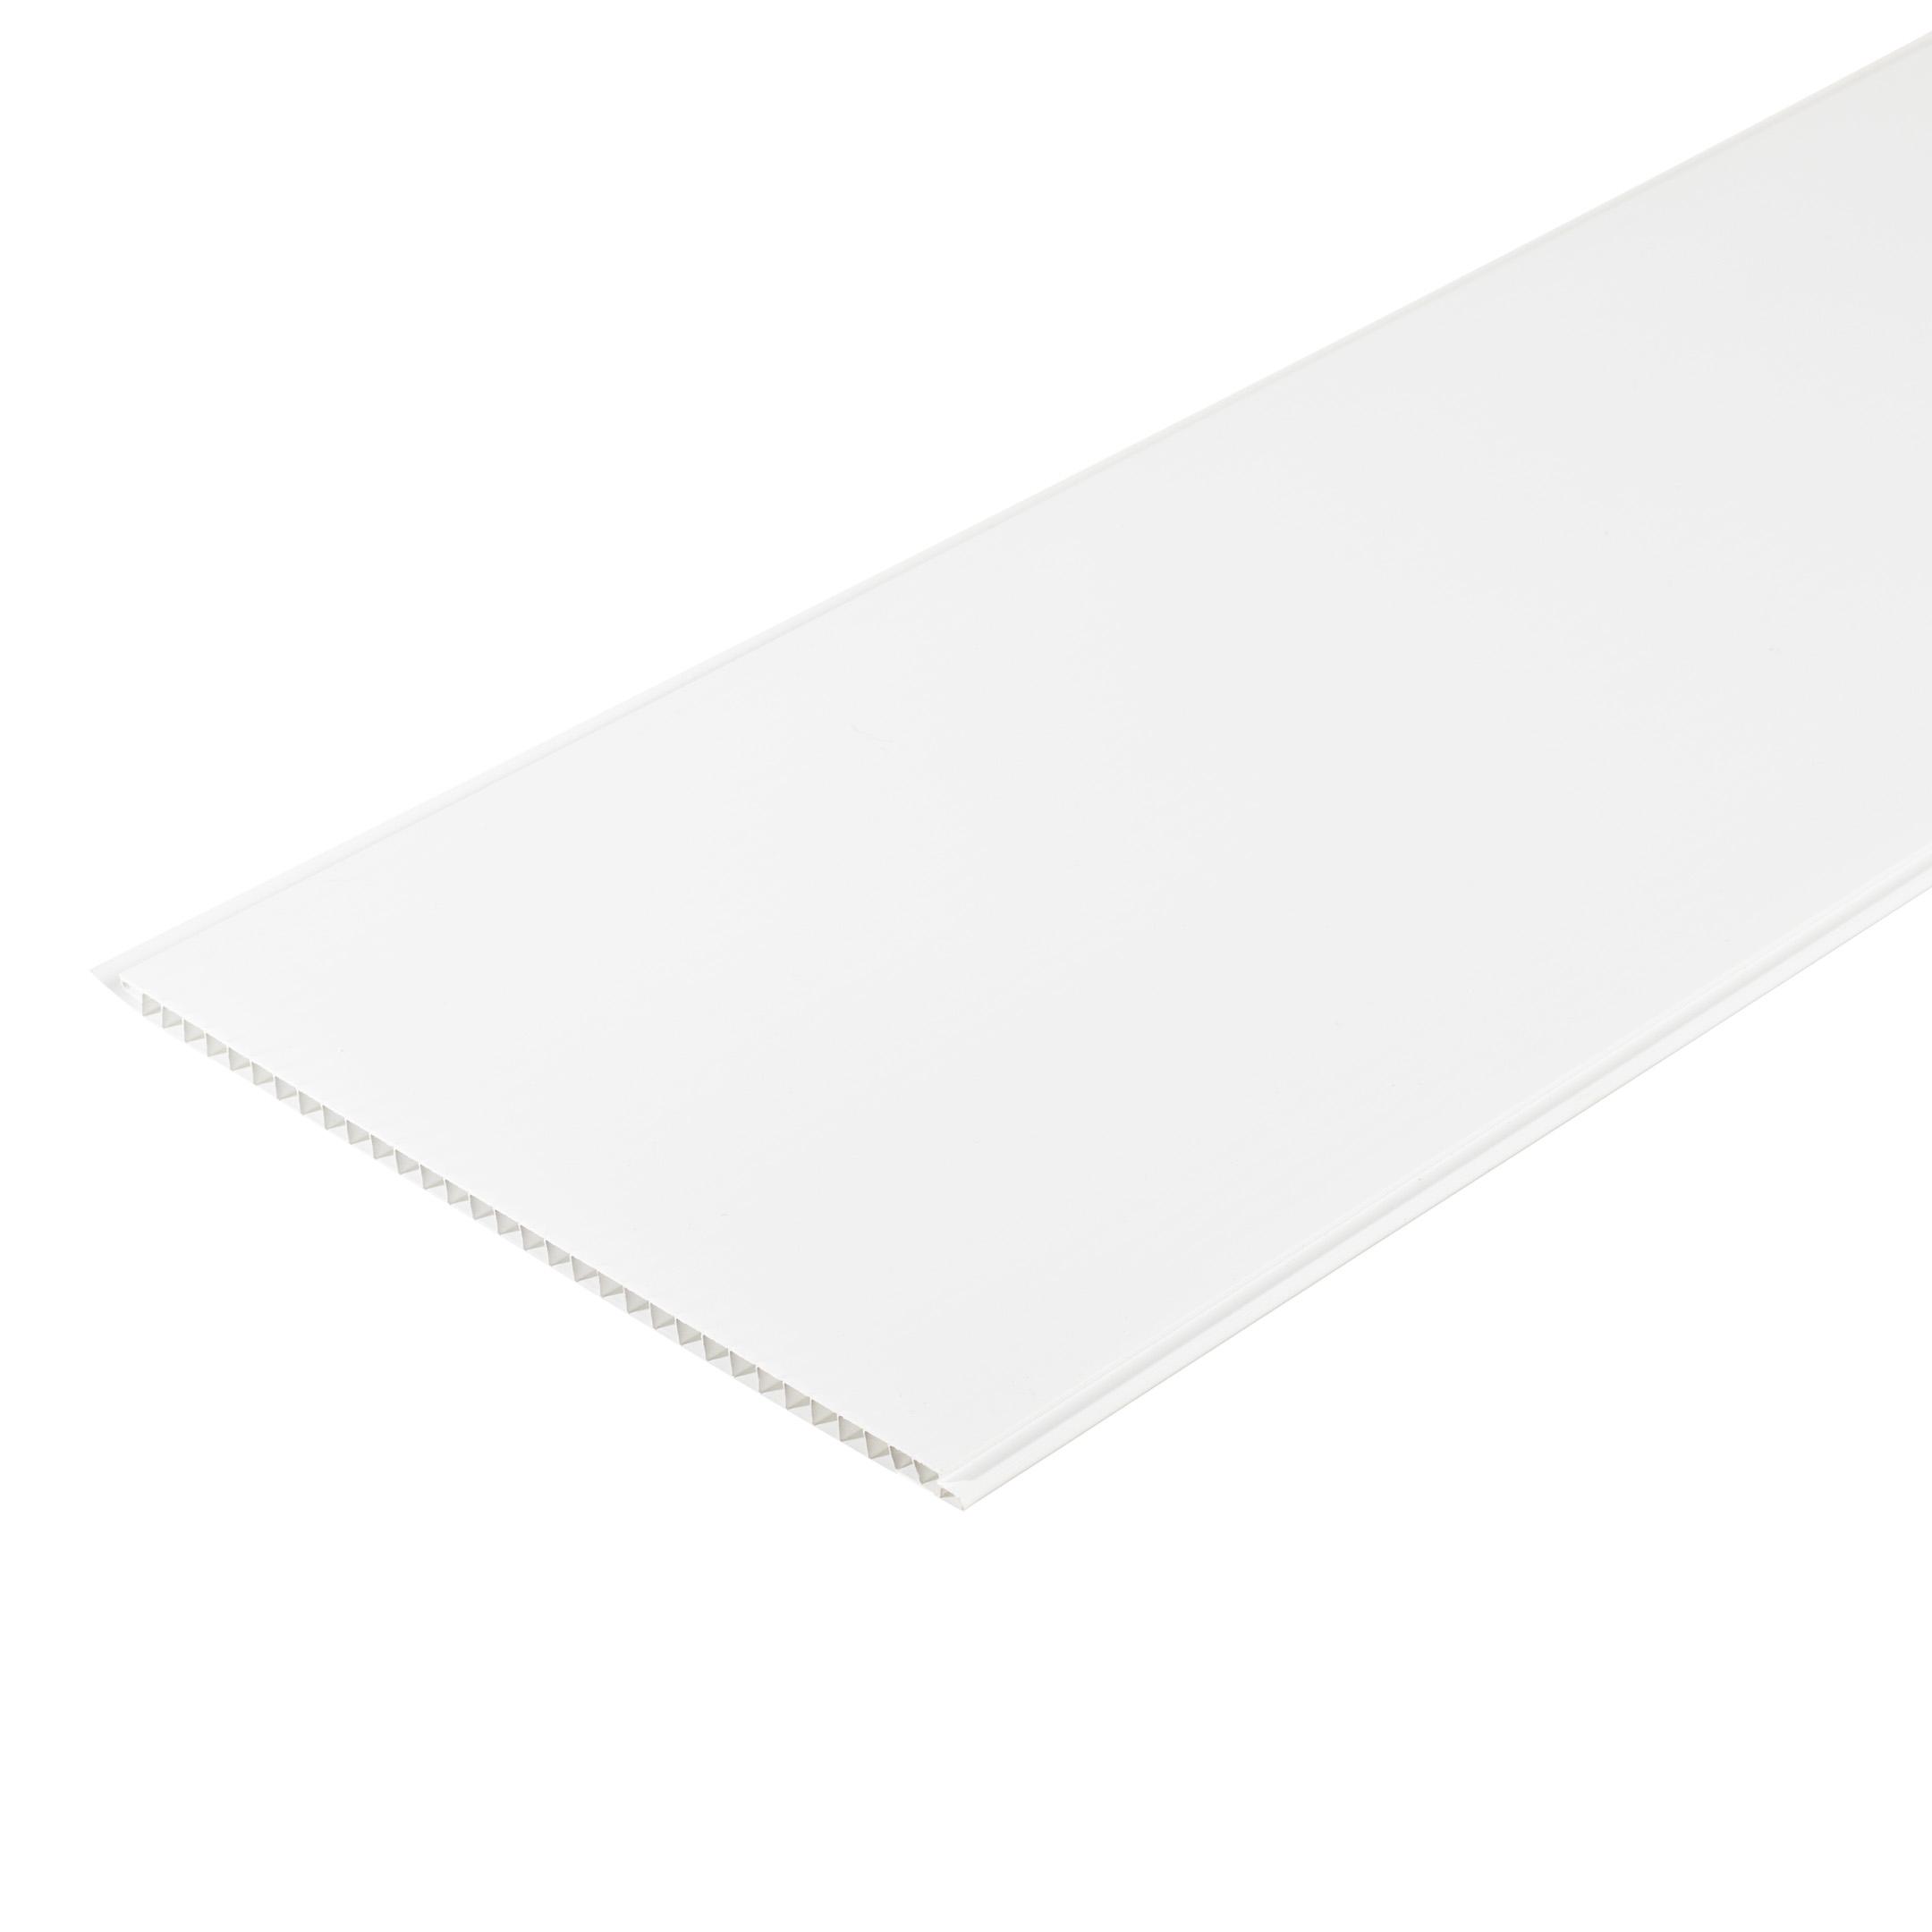 Фото - Панель ПВХ 250х3000х8 мм белая матовая панель пвх вагонка белый матовый 100х3000х9мм